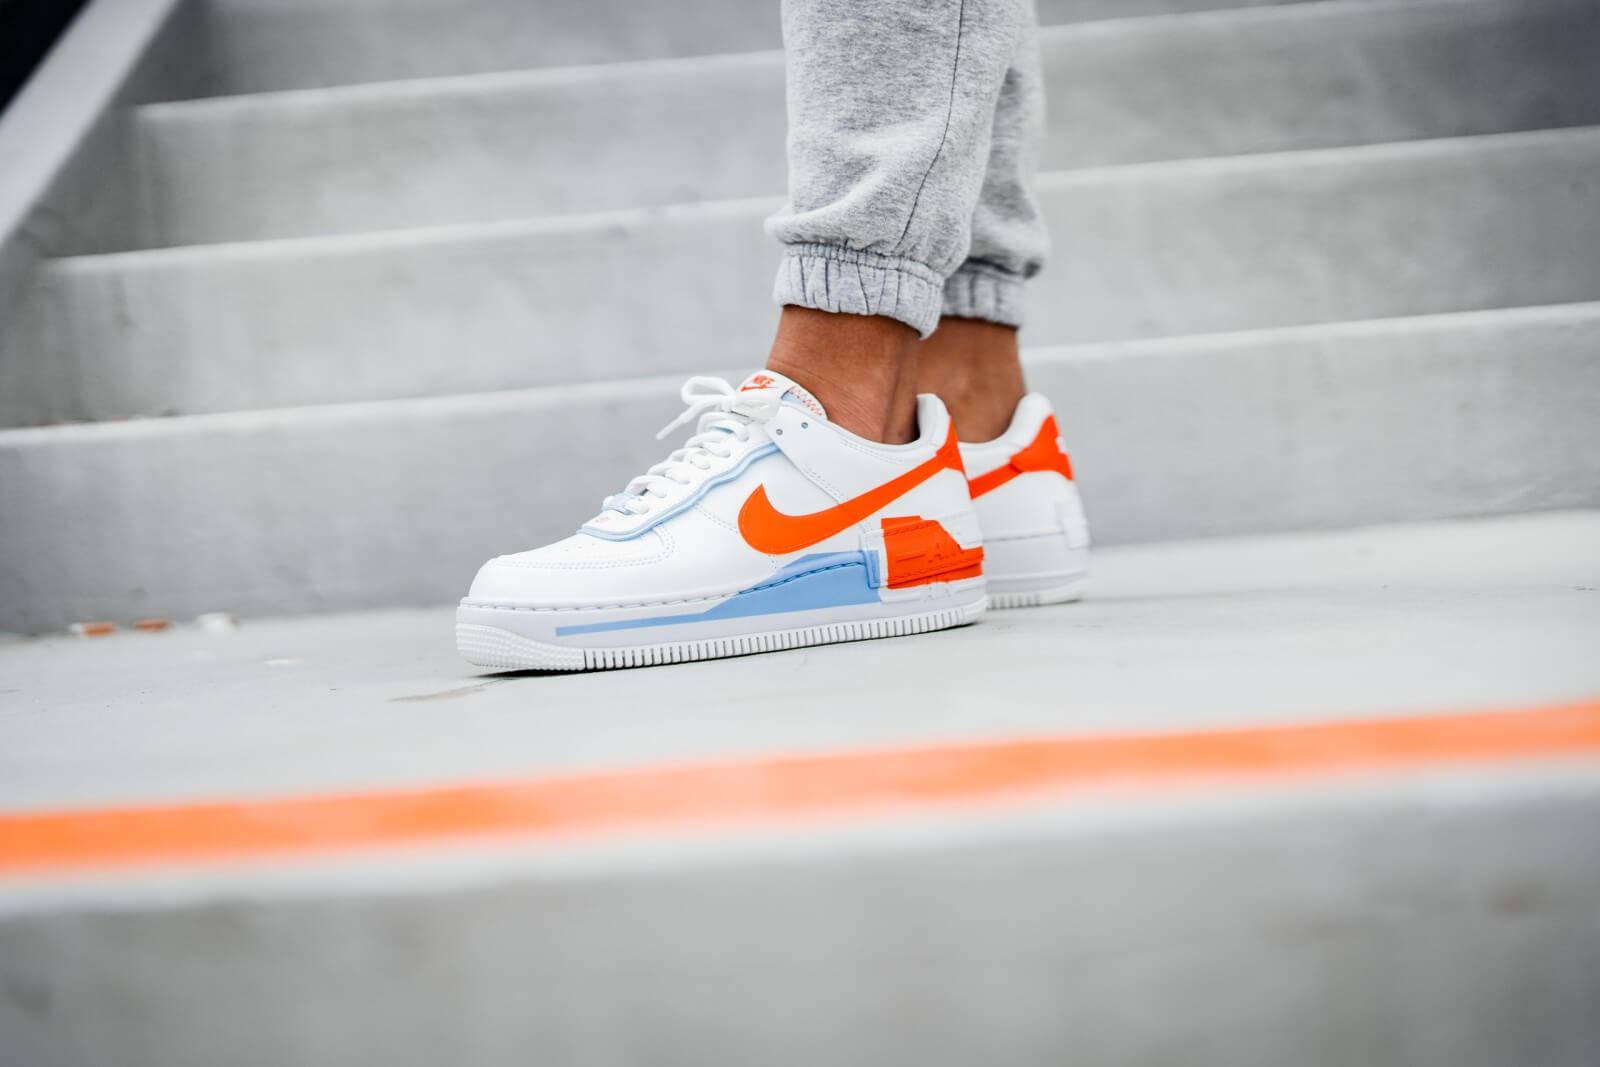 nike air force 1 shadow homme orange